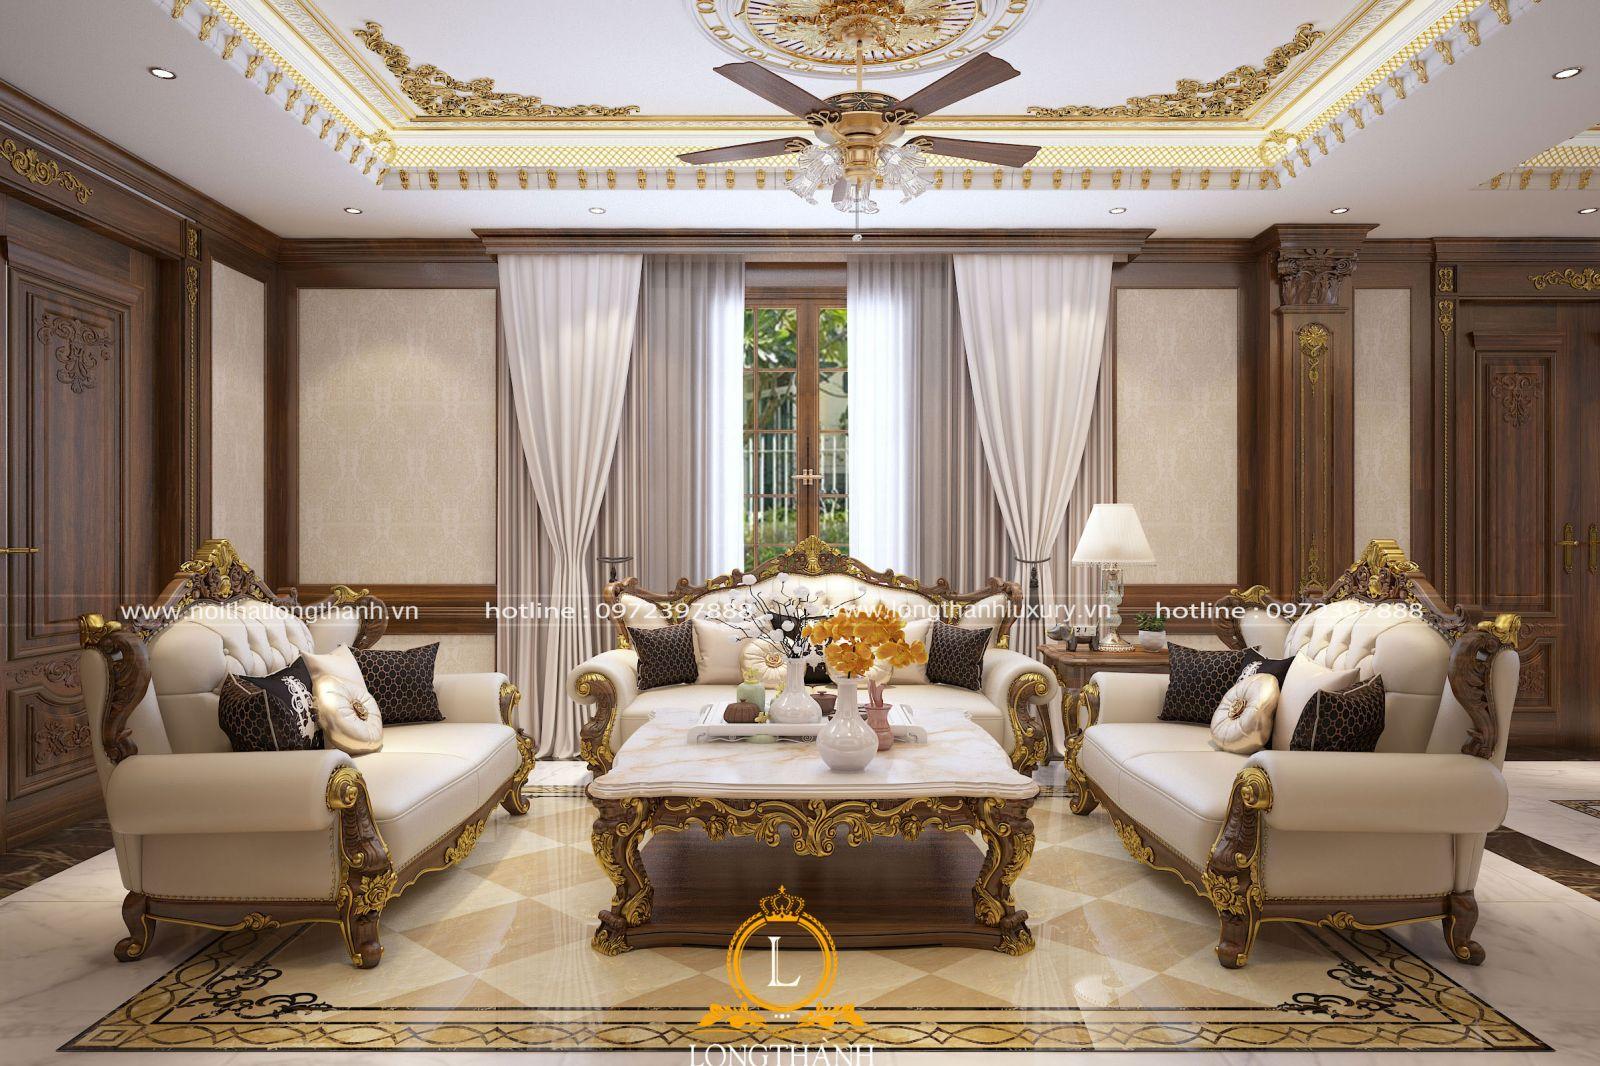 Phòng khách được bố trí thiết kế hệ cửa sổ thoáng đón nhiều ánh sáng tự nhiên